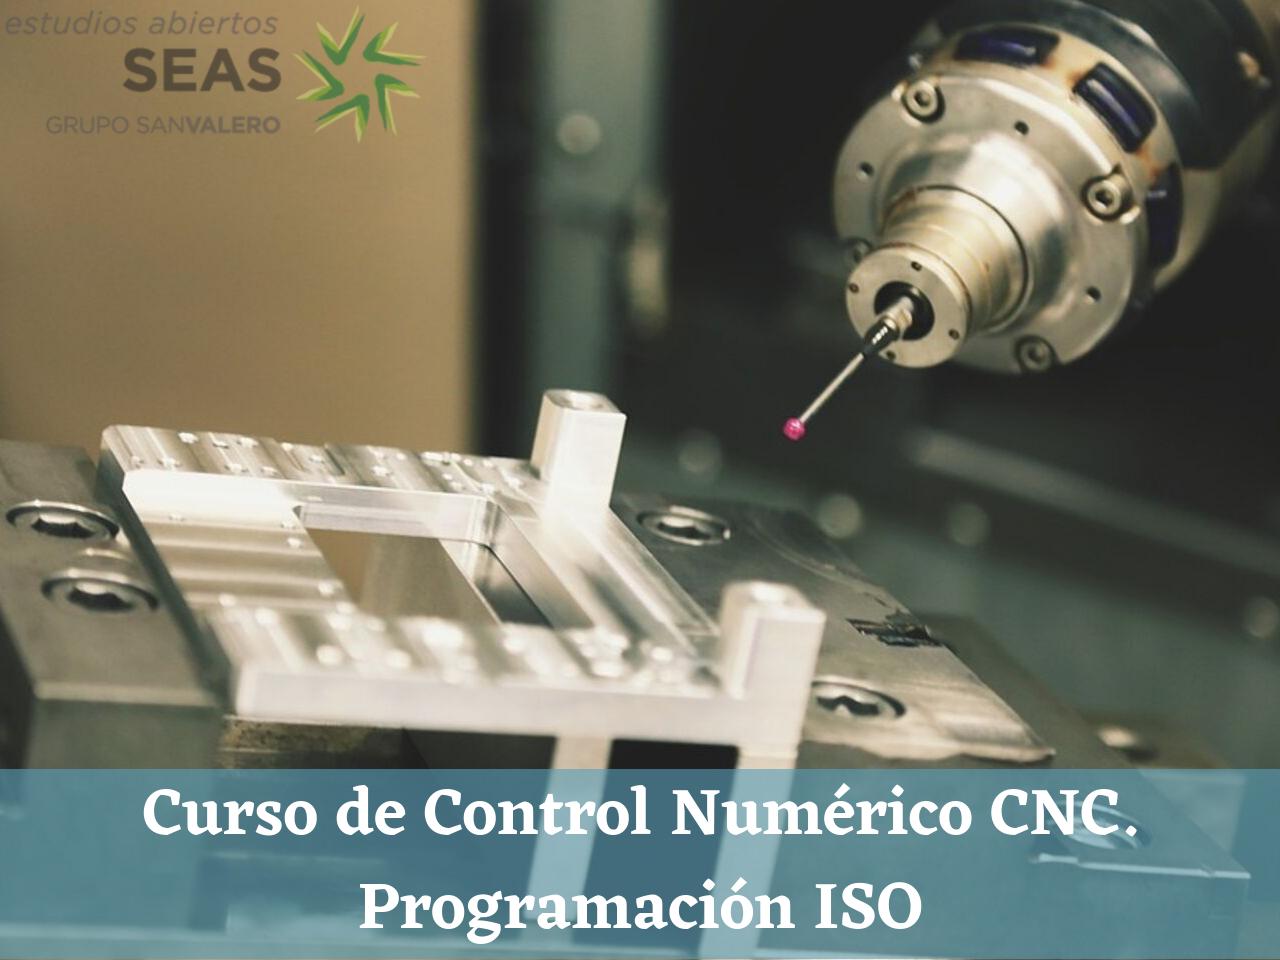 Curso de Control Numérico CNC. Programación ISO